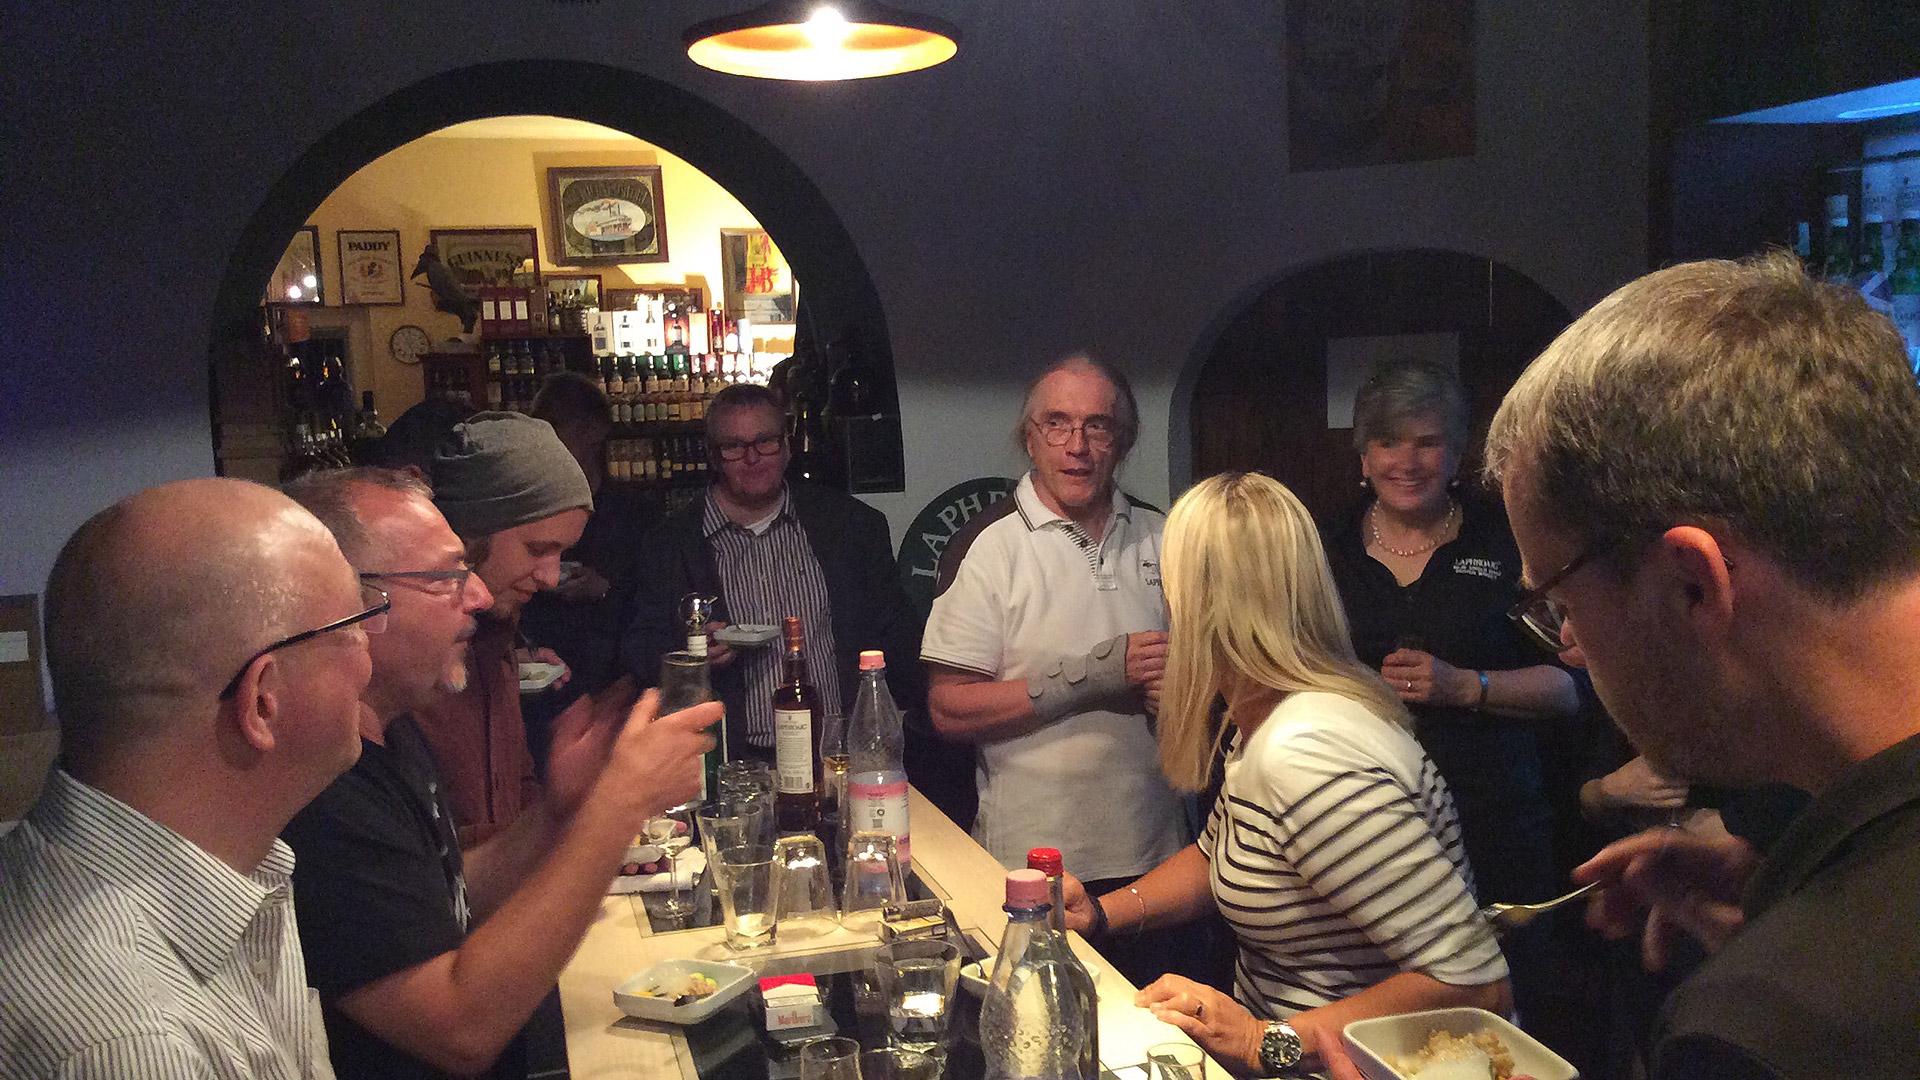 Laphroaig-Lounge-Inhaber Werner Hertwig in gemütlicher Tasting-Runde (Foto: Malt Whisky)